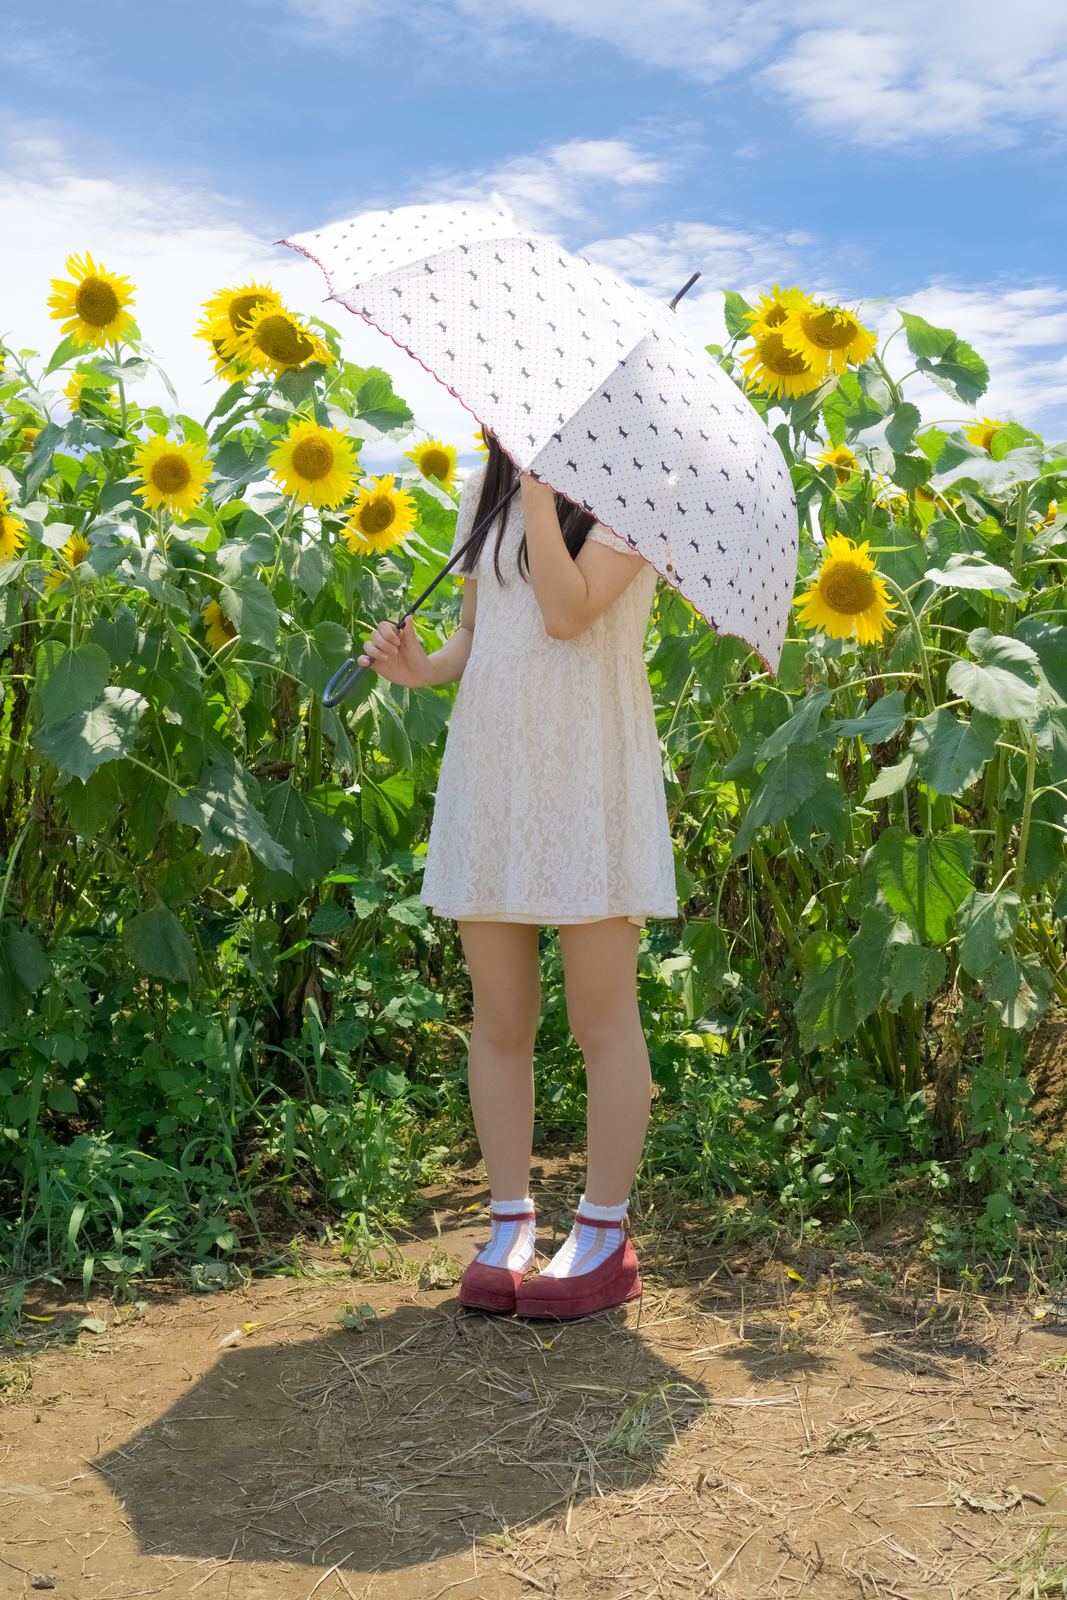 ひまわり畑と日傘少女のフリー素材